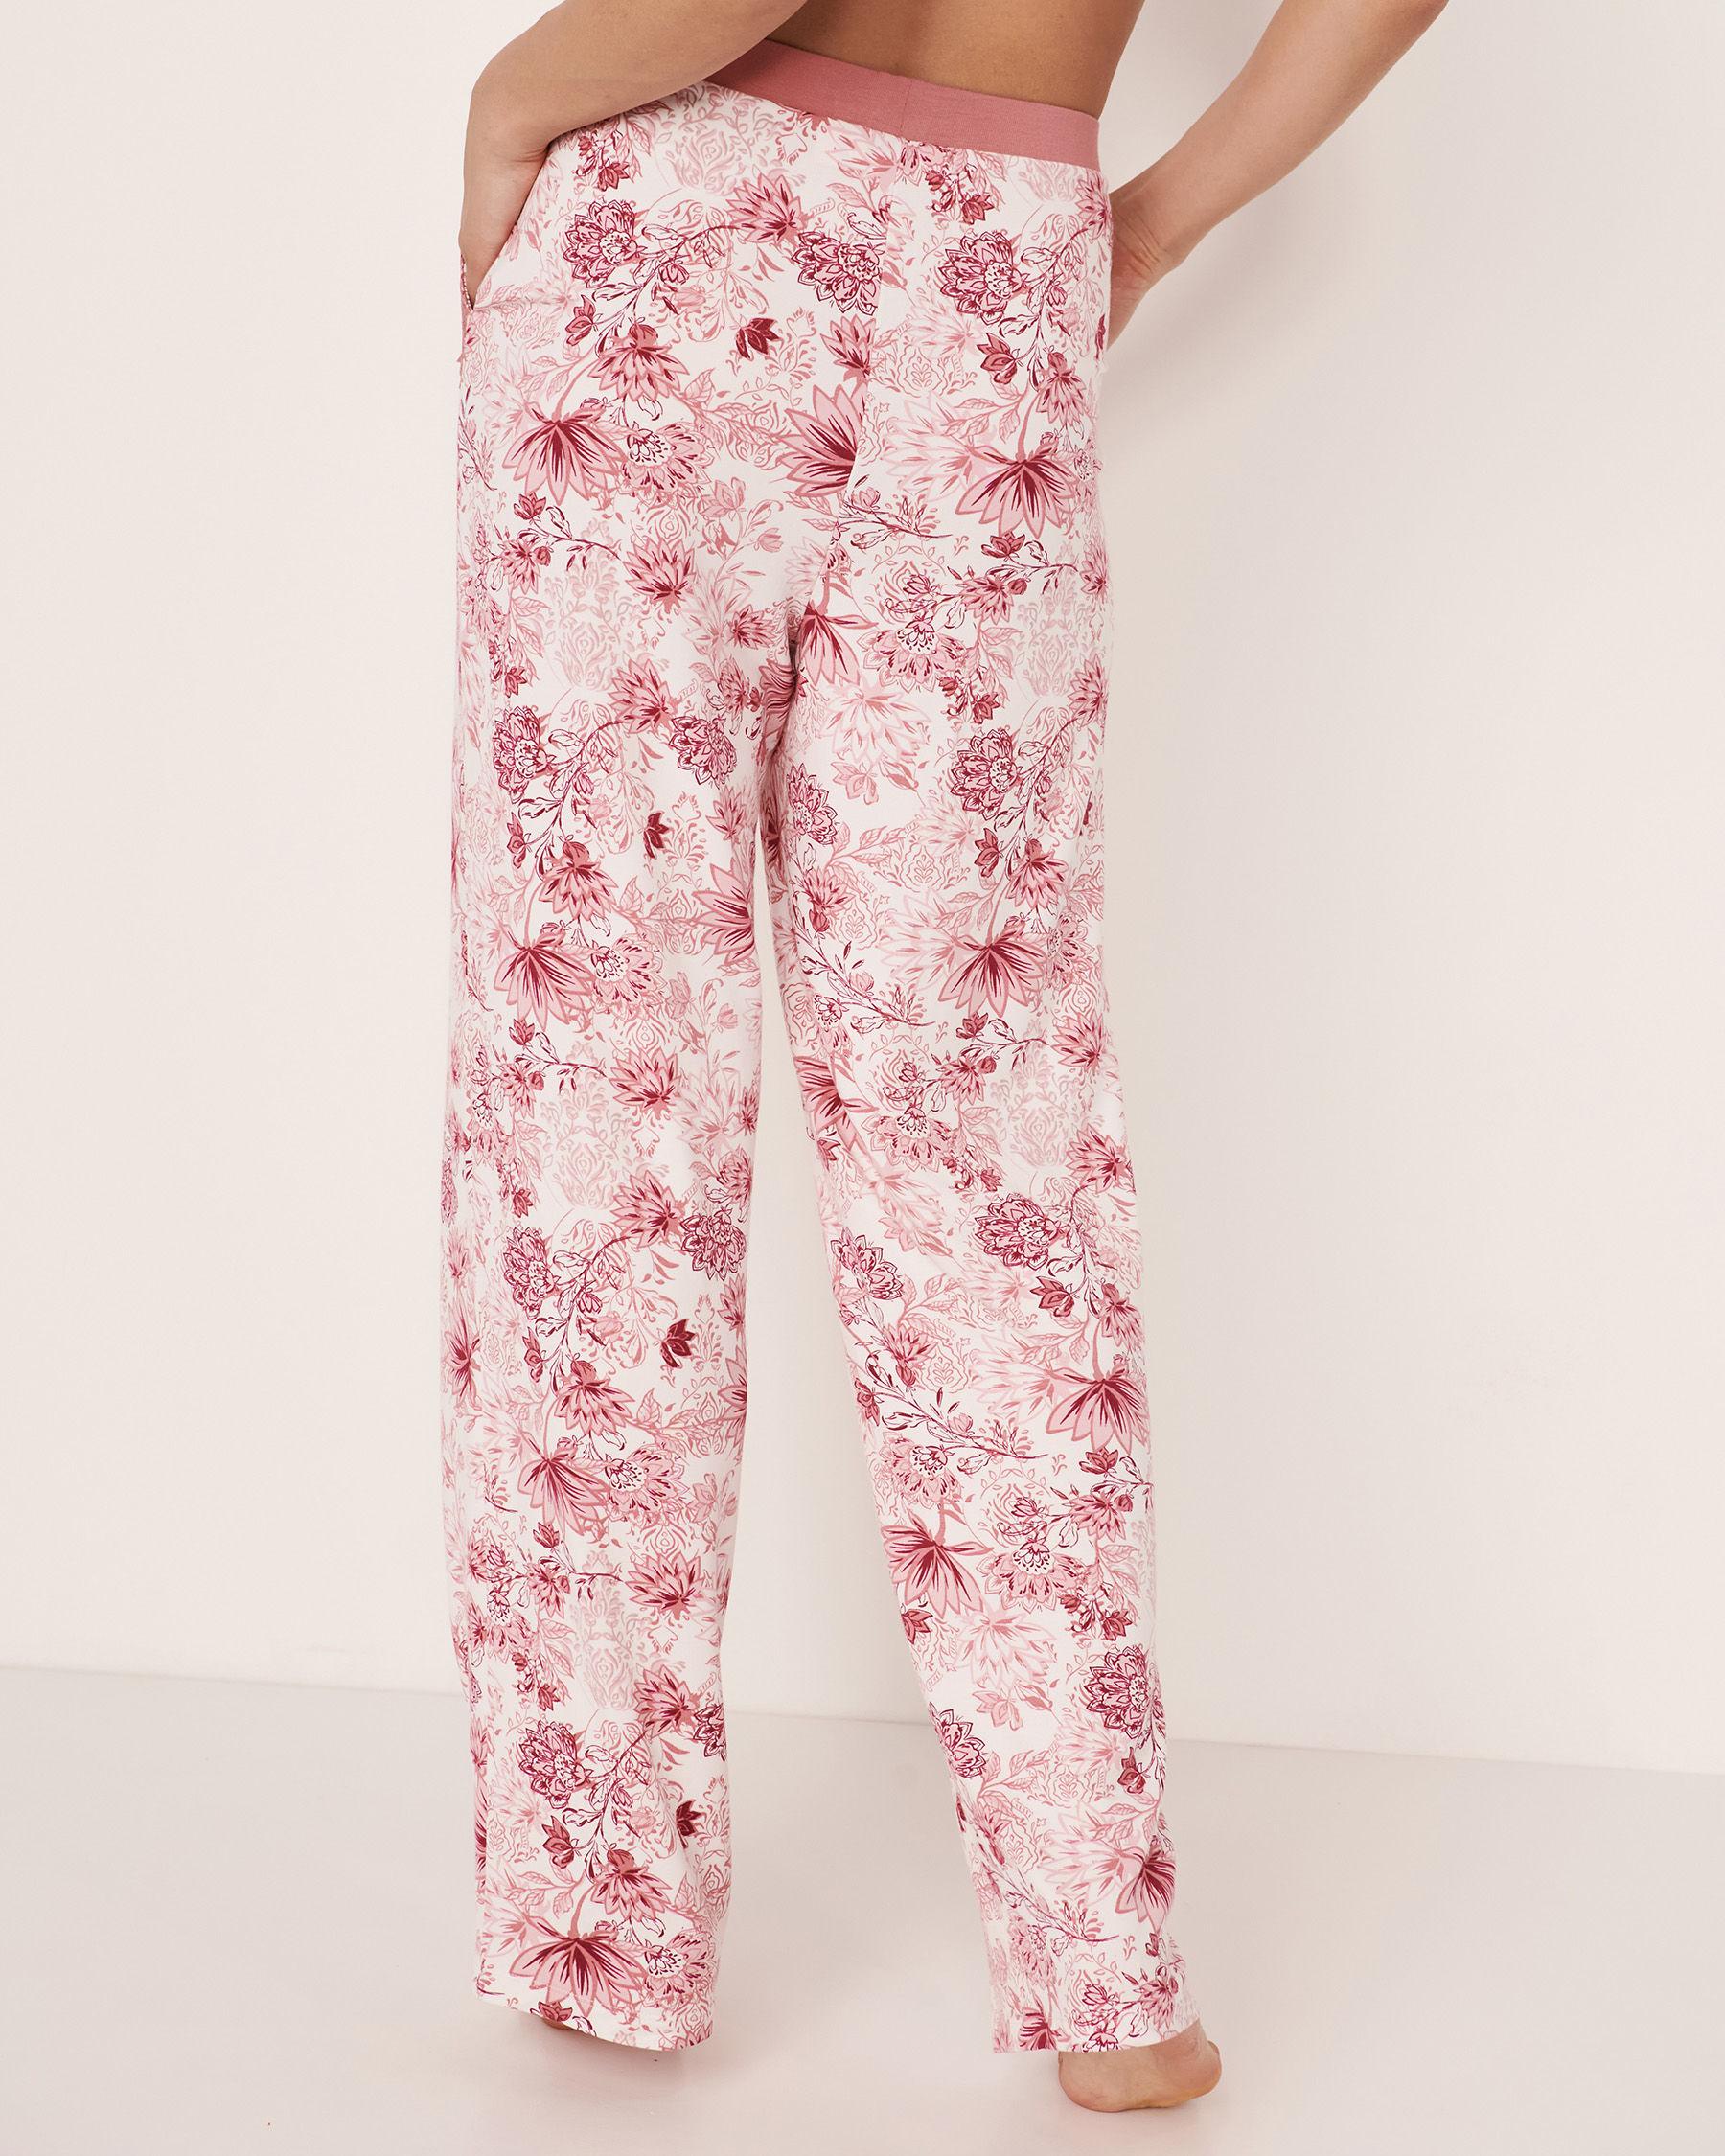 LA VIE EN ROSE Lace Trim Modal Pant Pink flowers 40200077 - View2